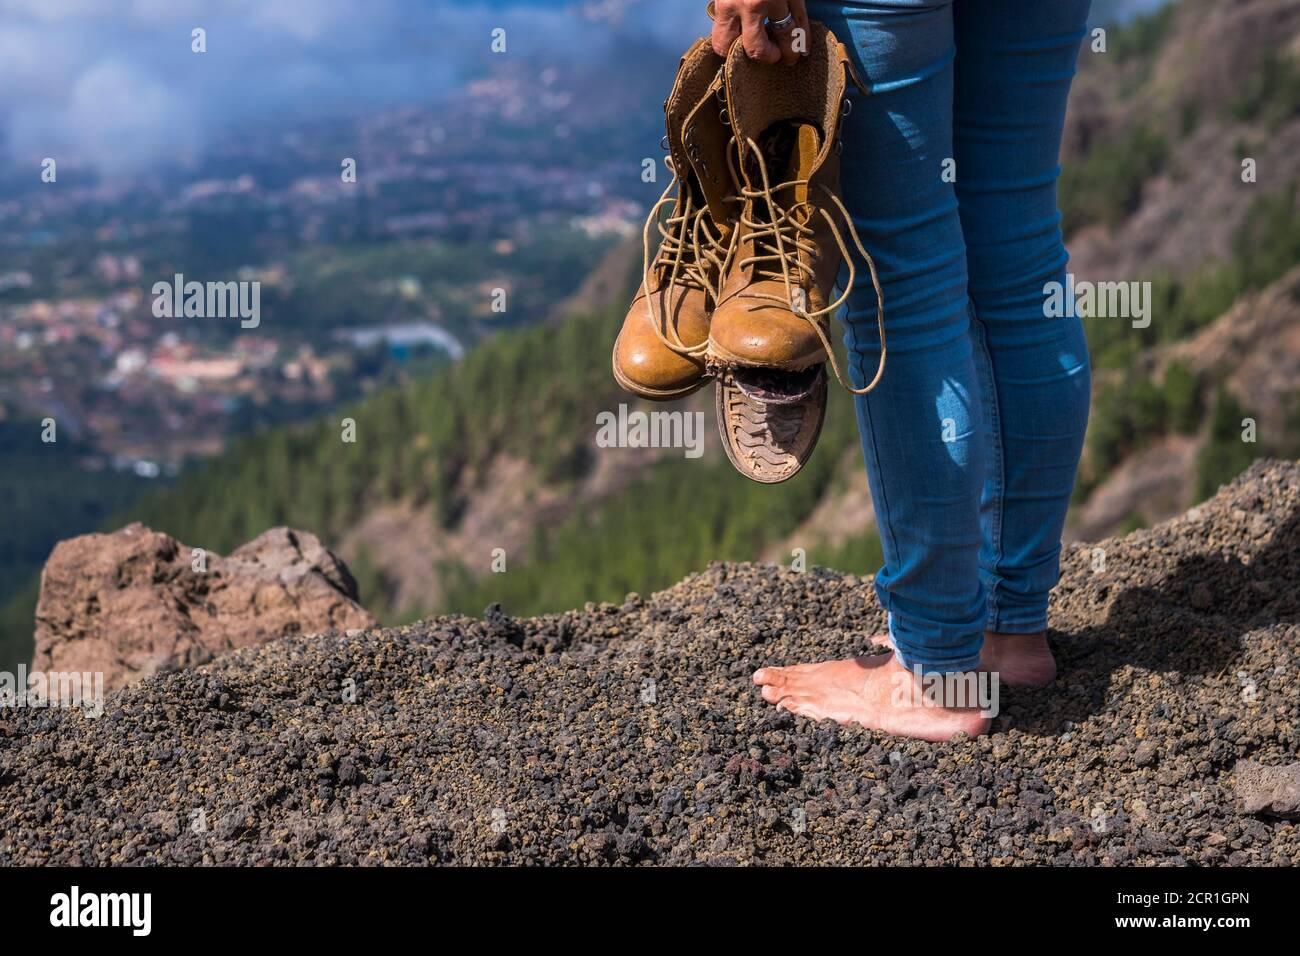 Reise- und Wanderlust Lifestyle-Konzept mit Barfuß Frau Steh auf mit gebrochenen Schuhen an den Händen und schaue auf die Aussicht auf den Gipfel des Berges Stockfoto